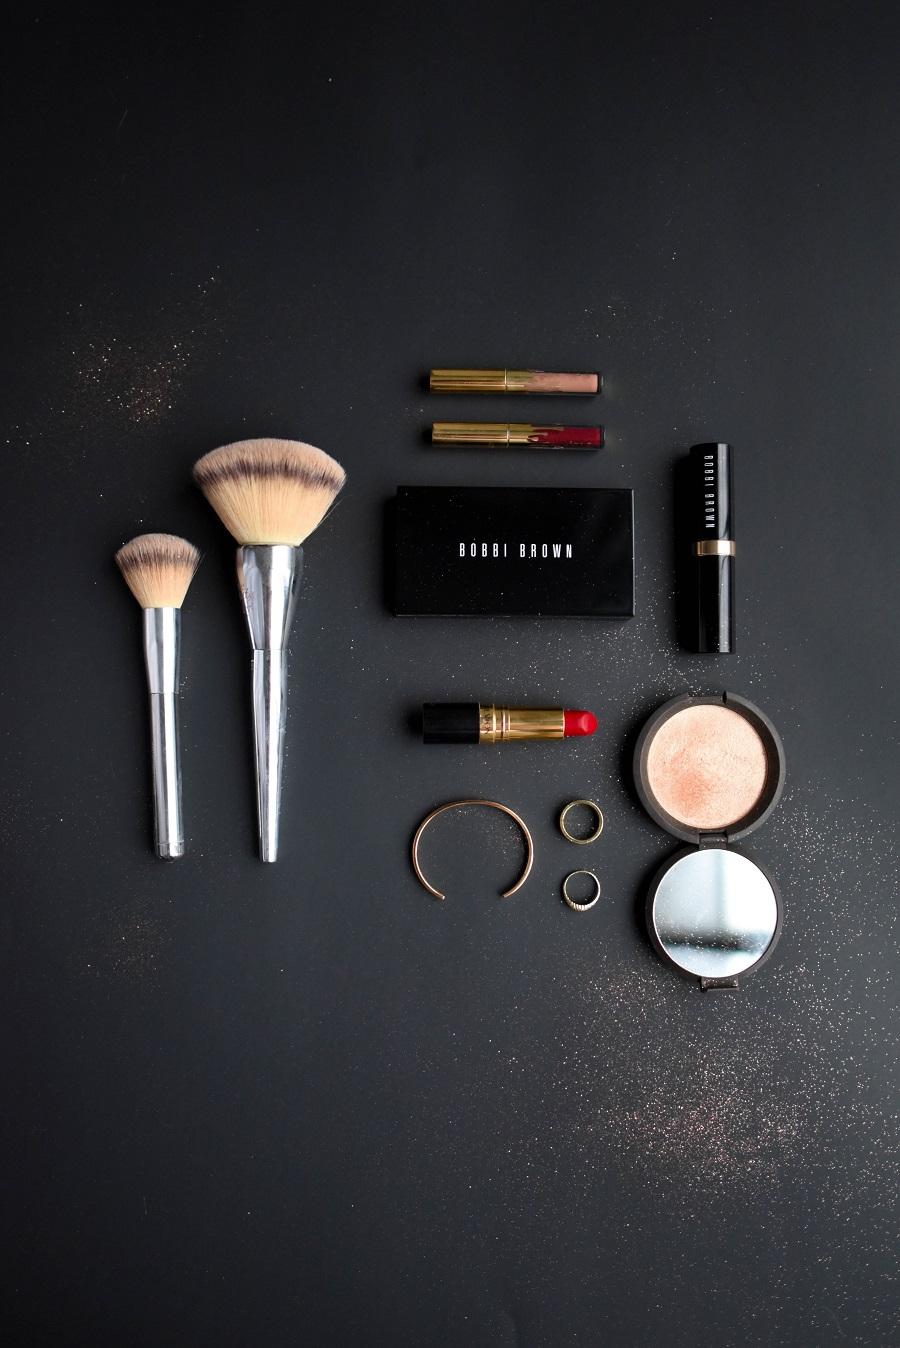 Zur Ergänzung des Textes: Kosmetikpalette auf schwarzem Grund fotografiert